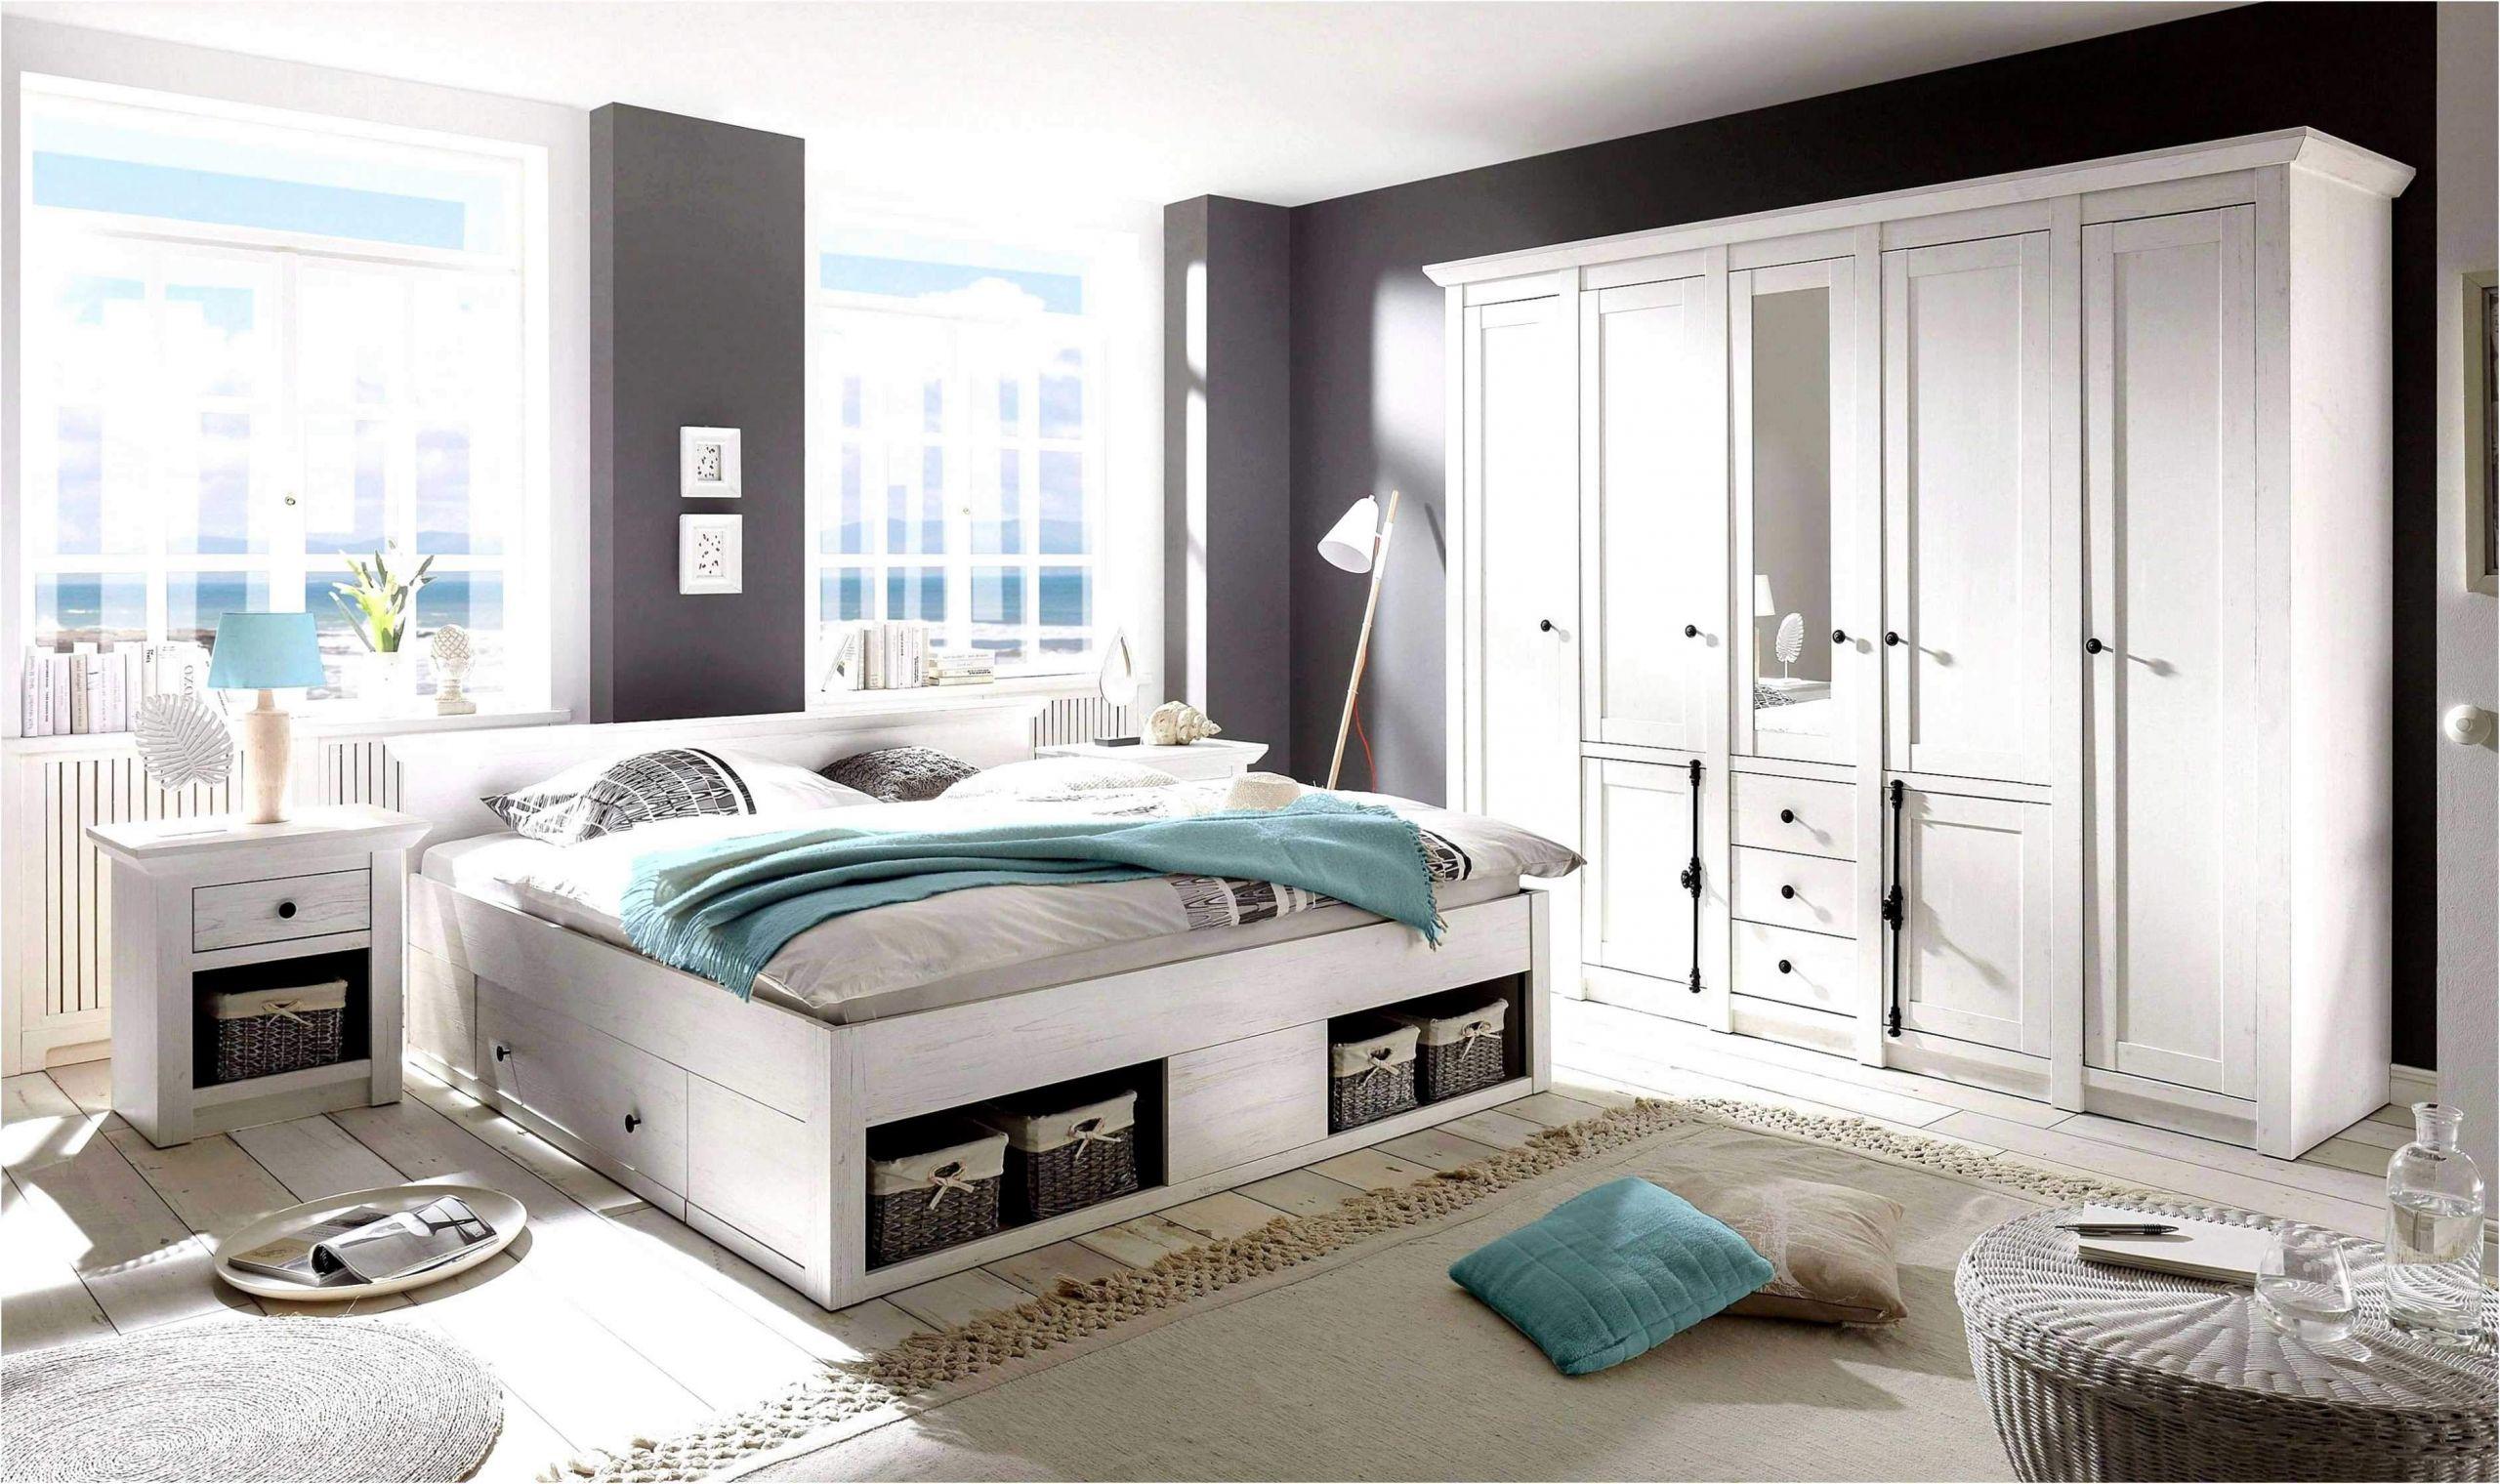 wohnzimmer accessoires luxus 40 tolle von dekoration wohnzimmer ideen ideen of wohnzimmer accessoires